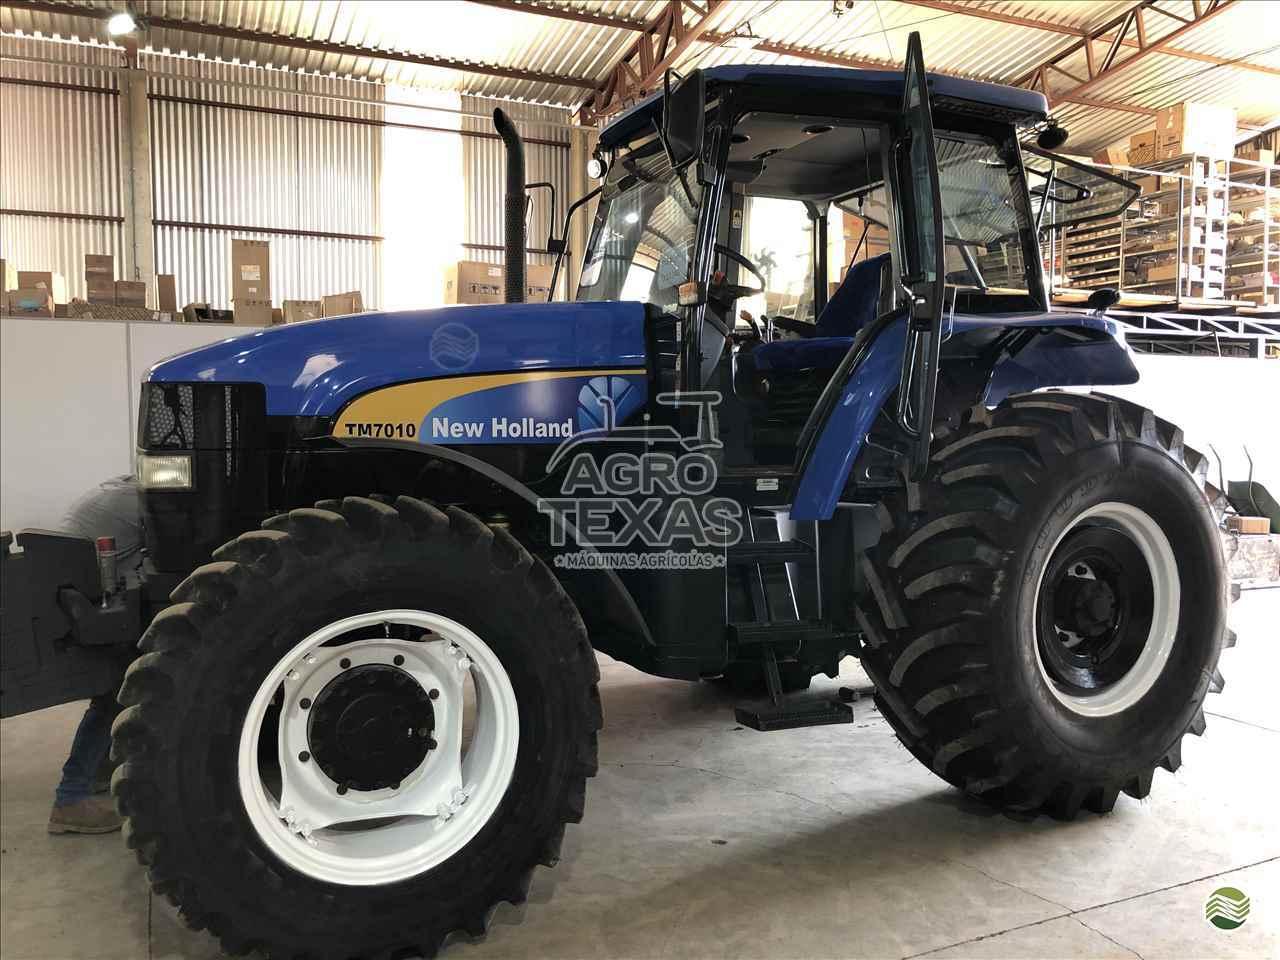 TRATOR NEW HOLLAND NEW TM 7010 Tração 4x4 Agro Texas Máquinas Agrícolas VITORINO PARANÁ PR